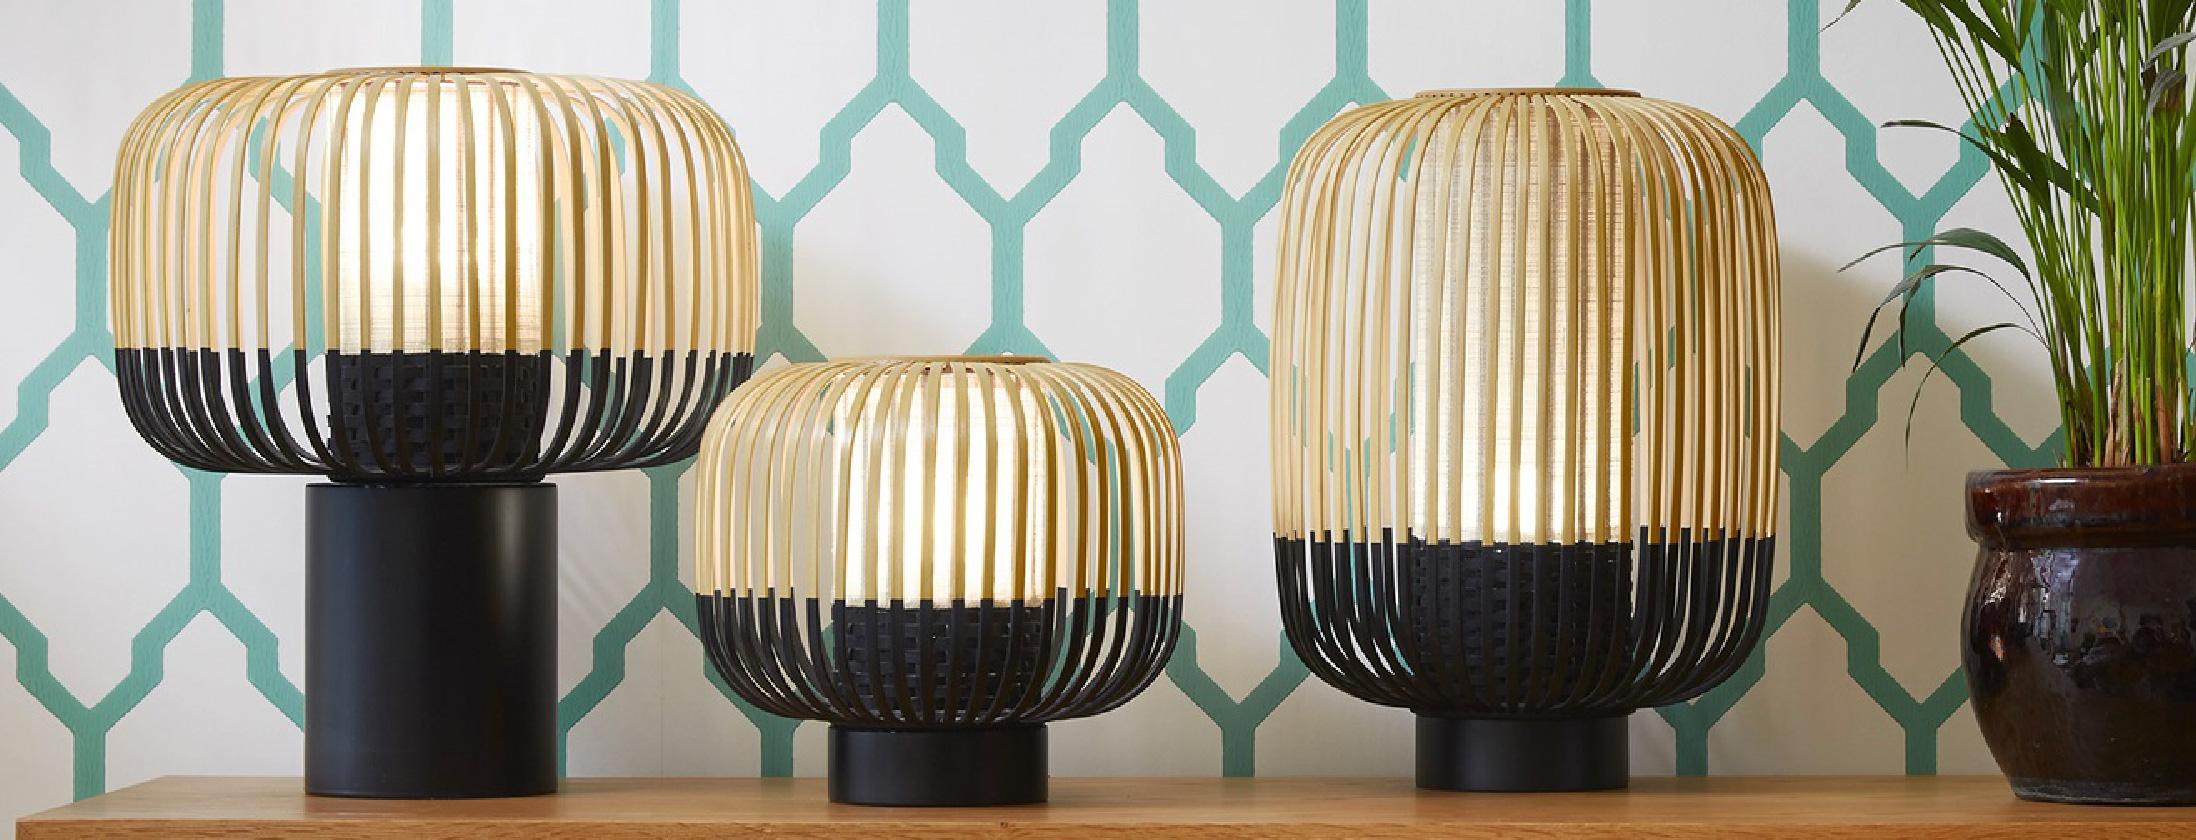 """Résultat de recherche d'images pour """"forestier bamboo table"""""""